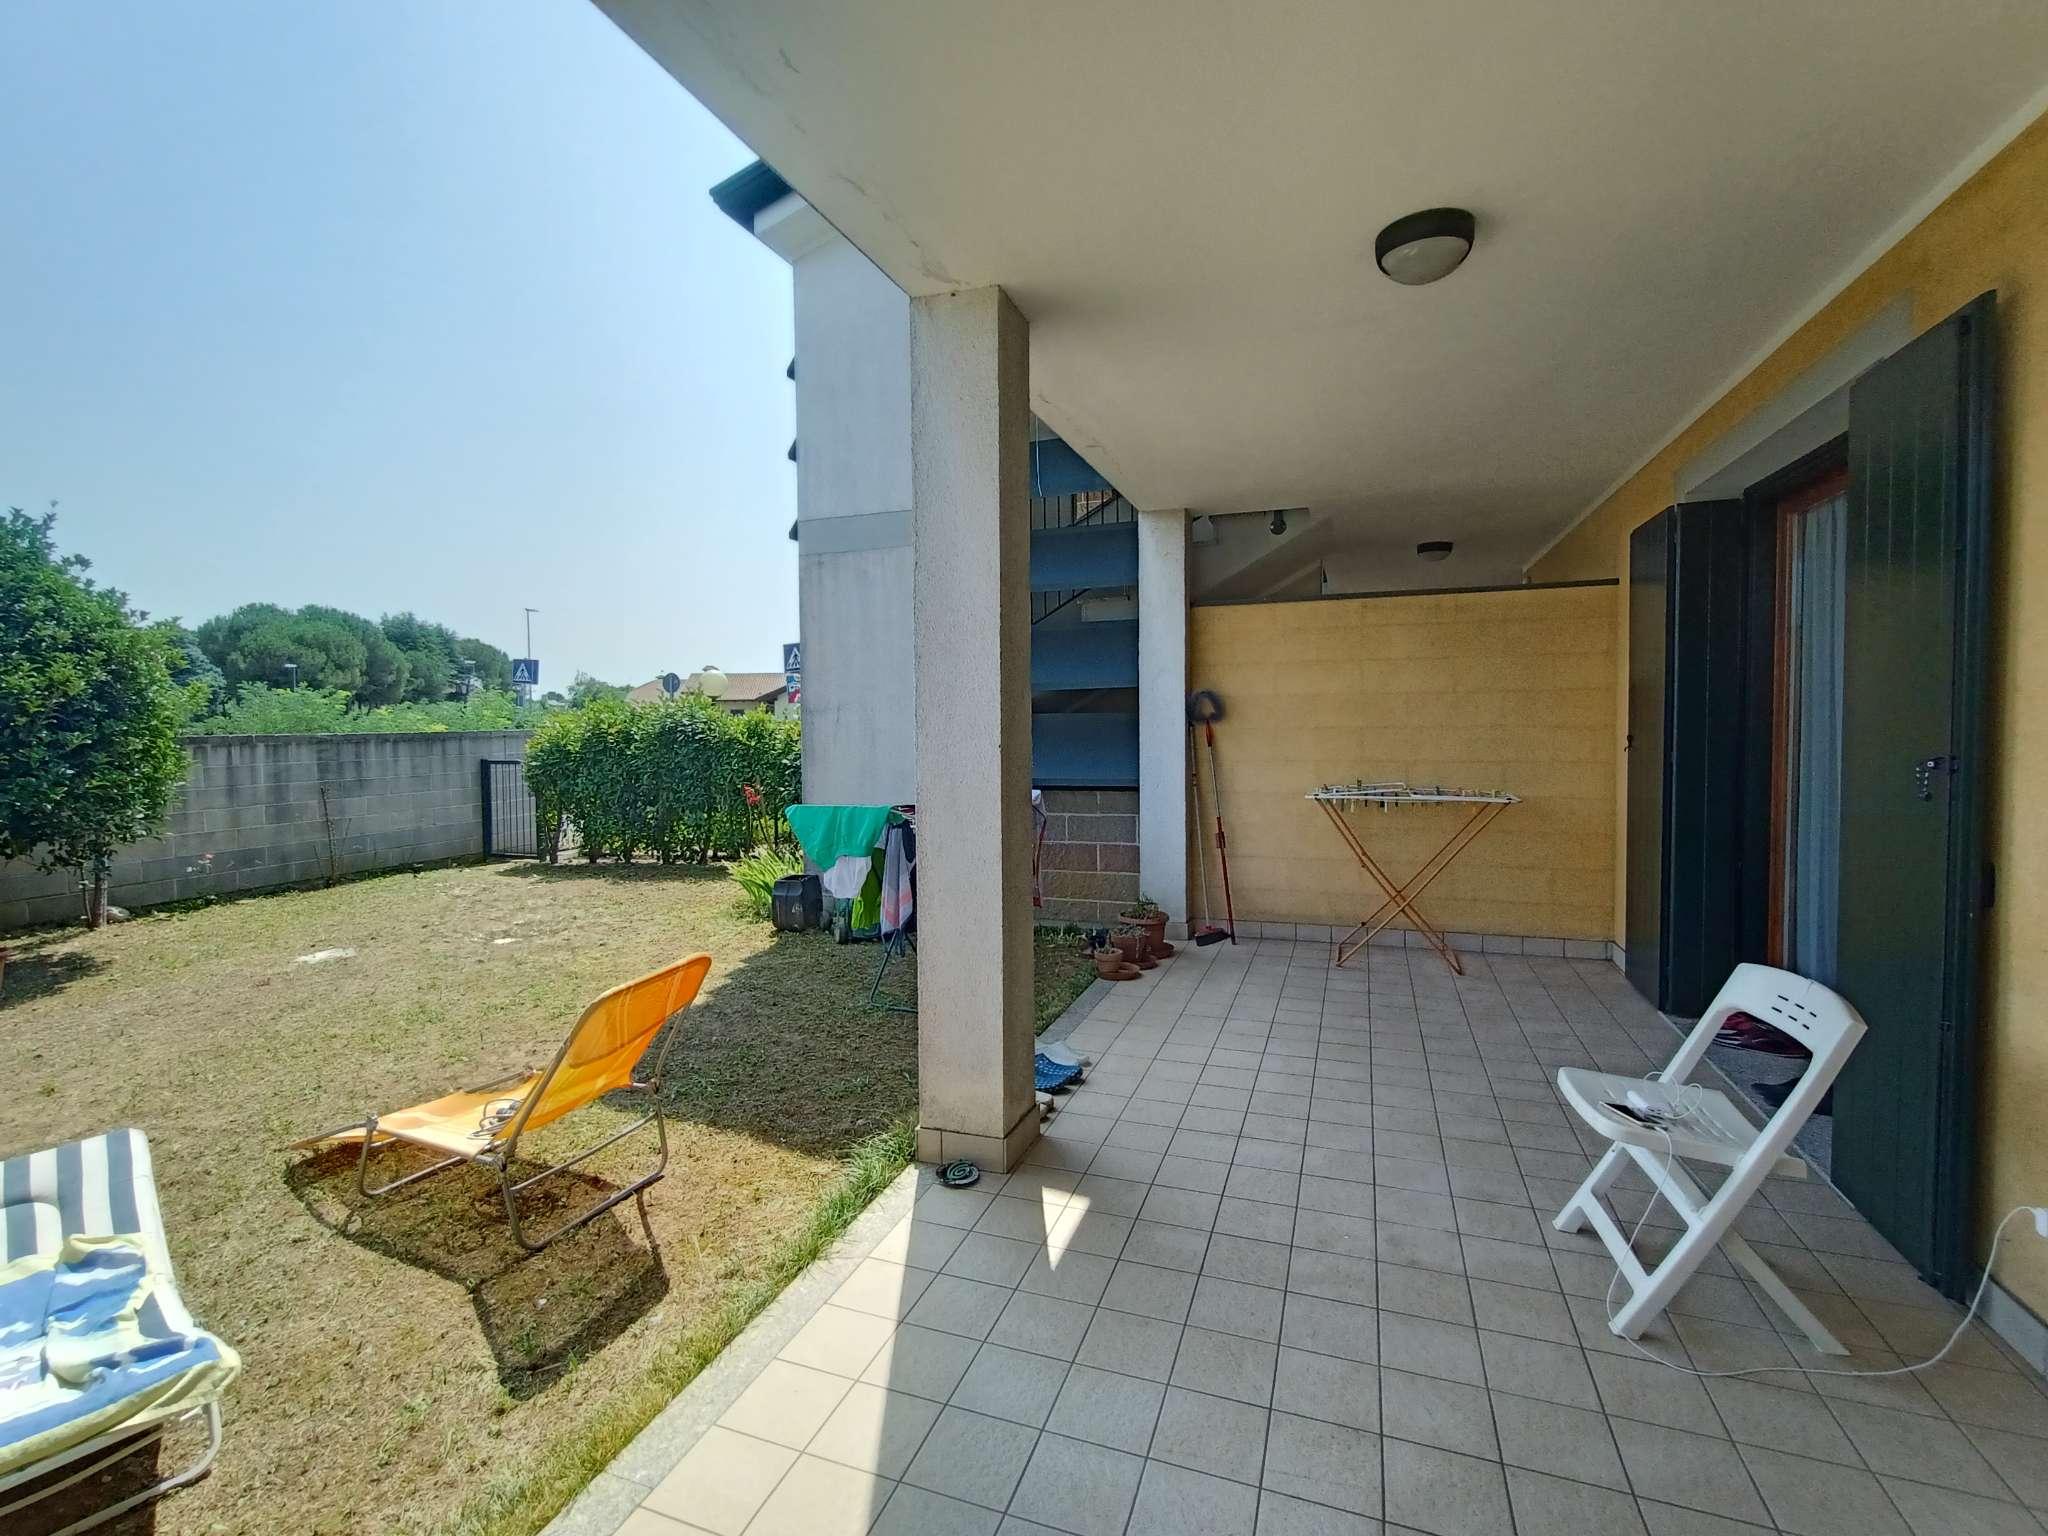 Appartamento in vendita a Pavia di Udine, 6 locali, prezzo € 157.000 | PortaleAgenzieImmobiliari.it